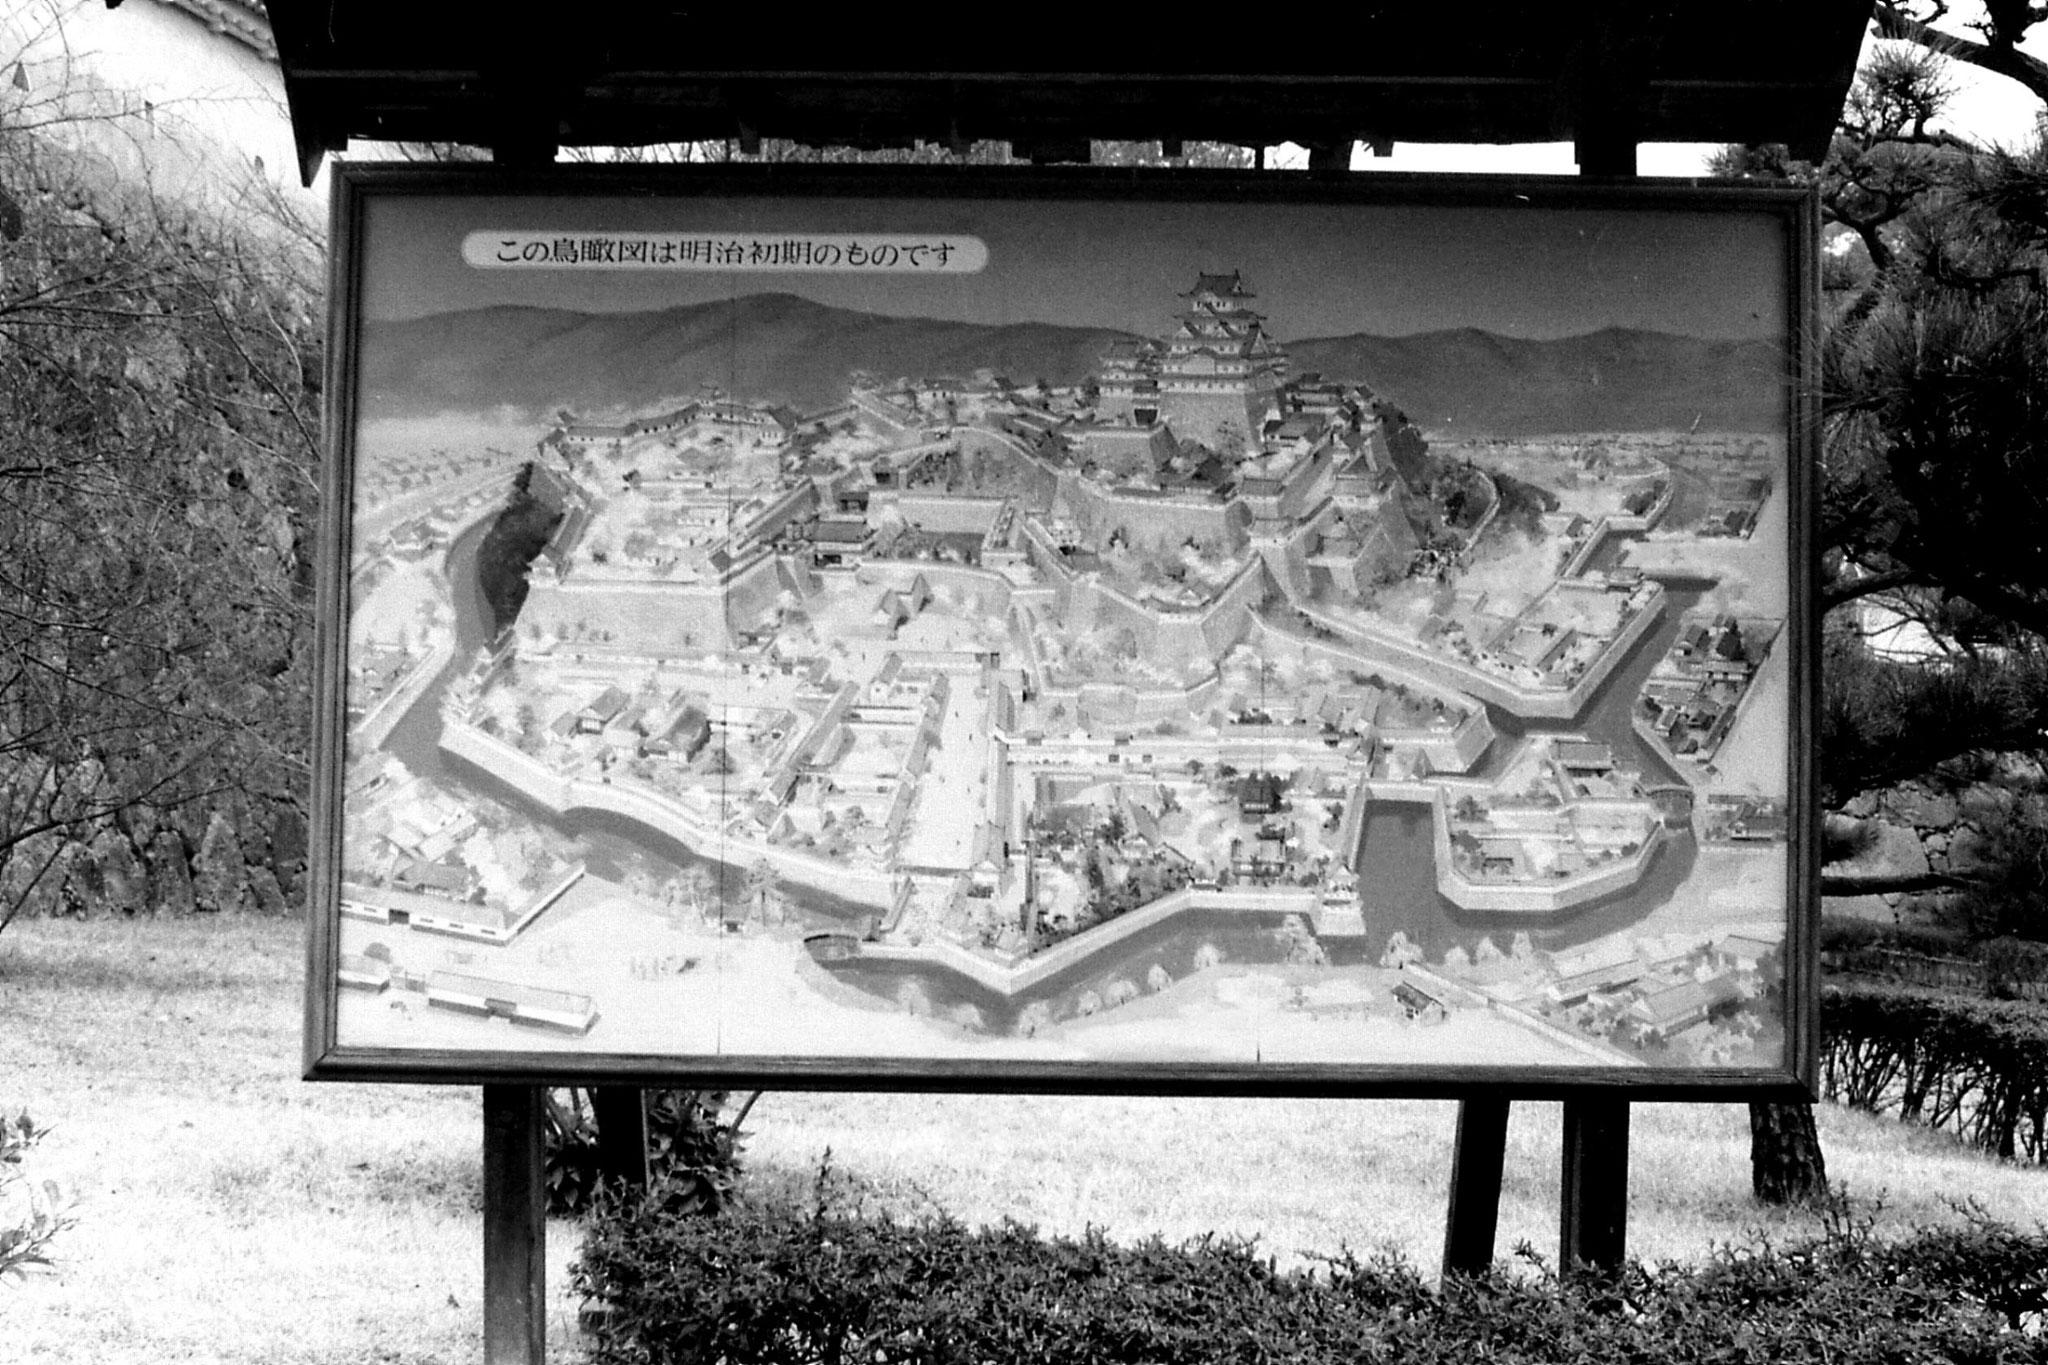 18/1/1989: 7: Himeji Castle